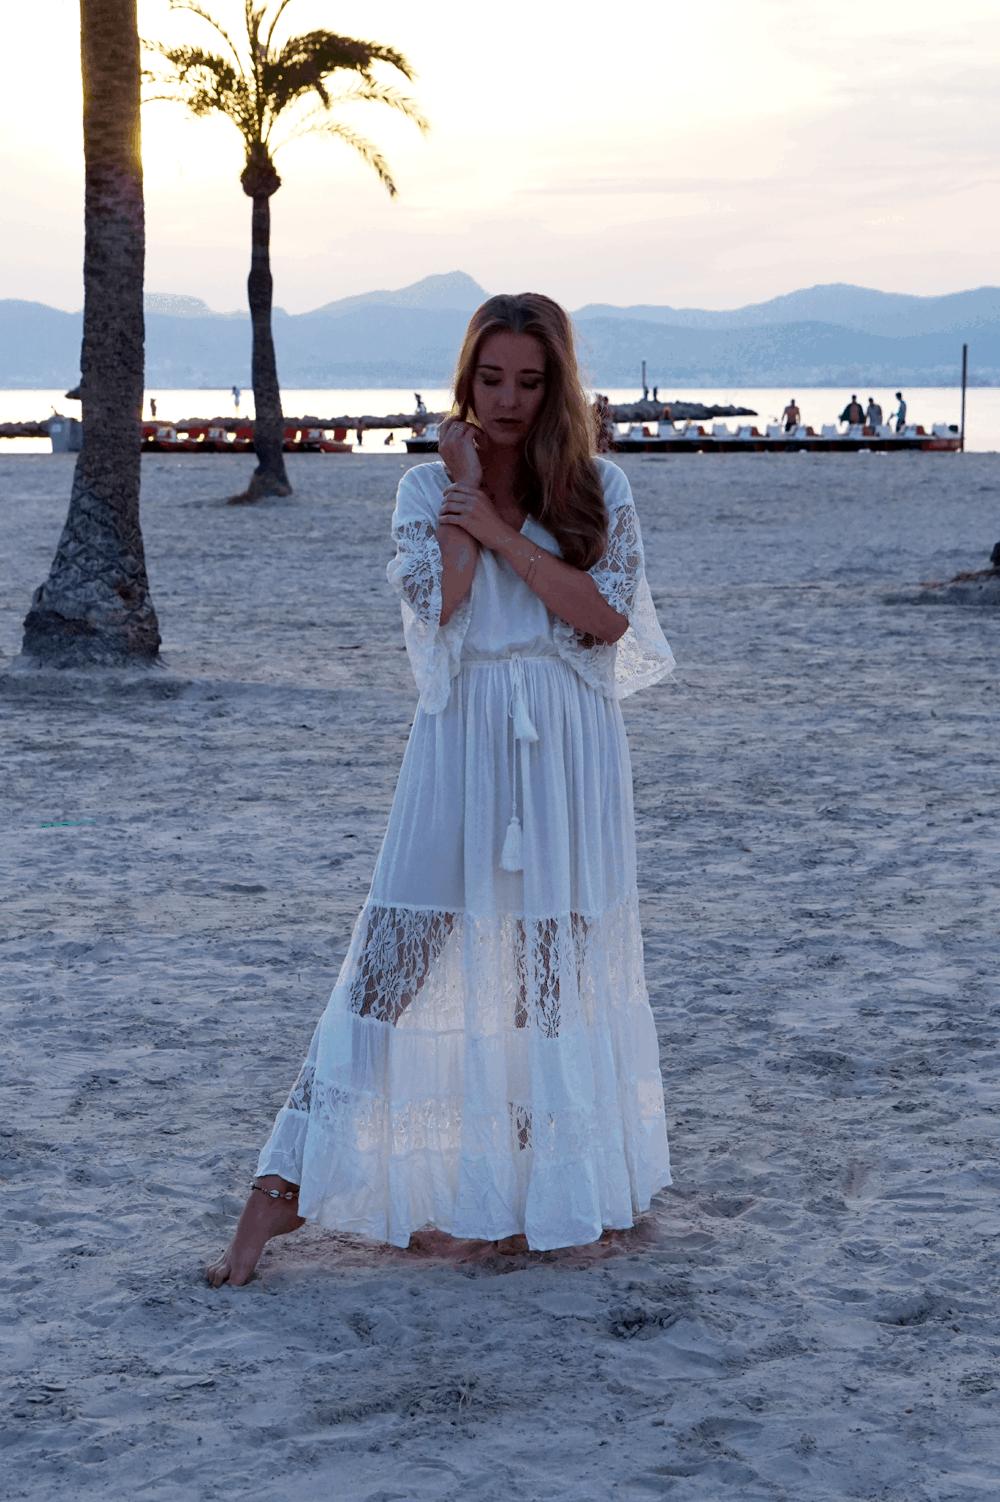 romantyczna stylizacja na plaży majorka